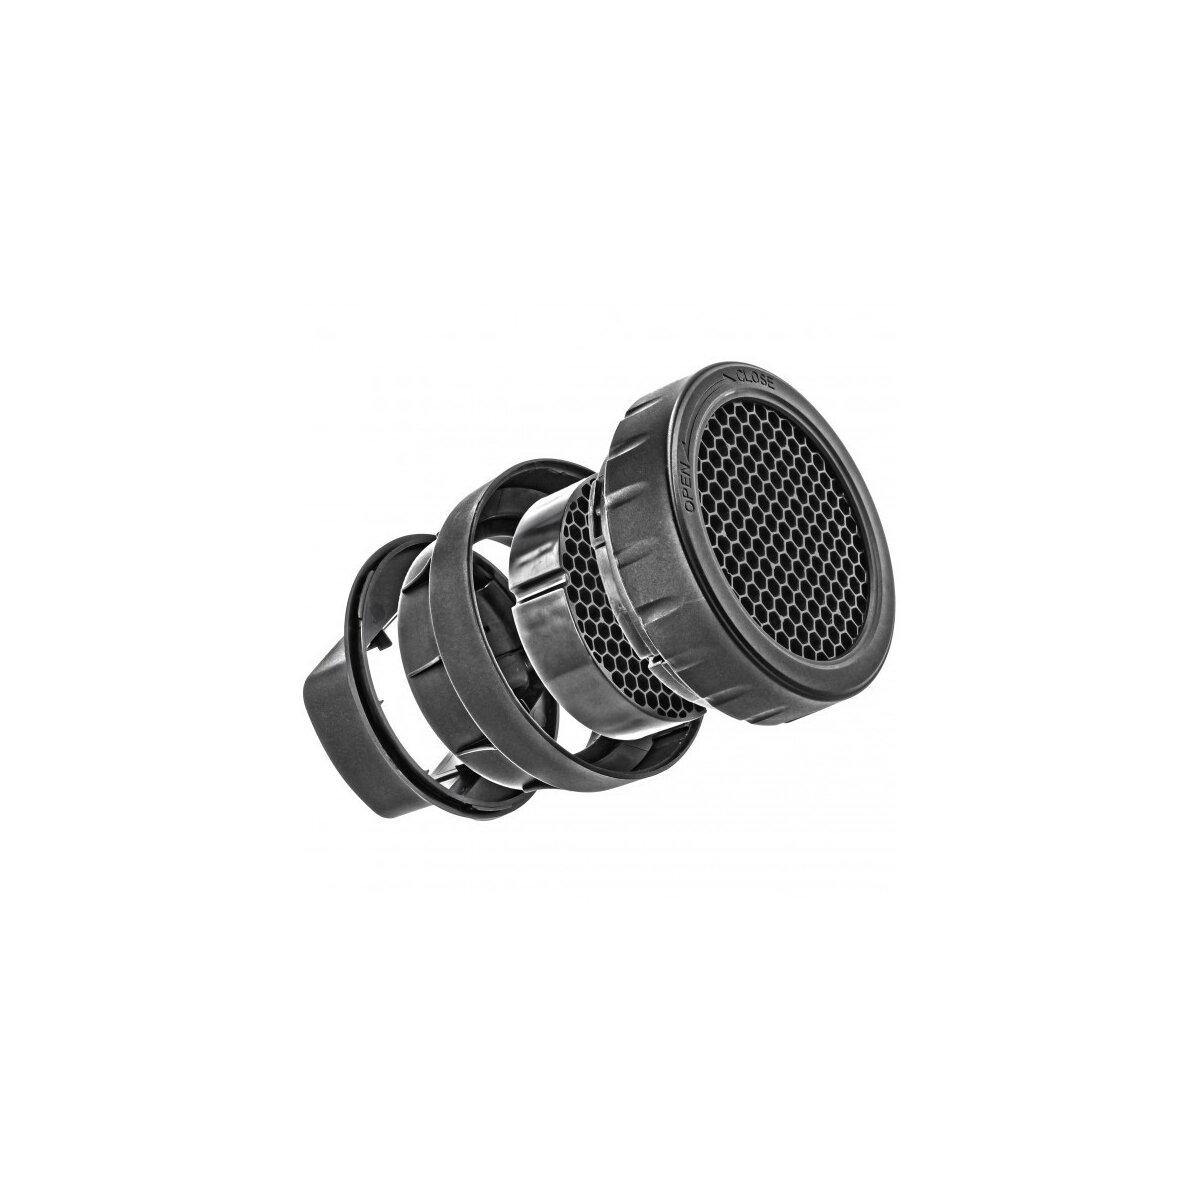 Hochwertiger Lichformer Wabenvorsatz kompatibel mit Canon Speedlite 600EX-RT, 580EX II und 580EX - JJC SG-CII